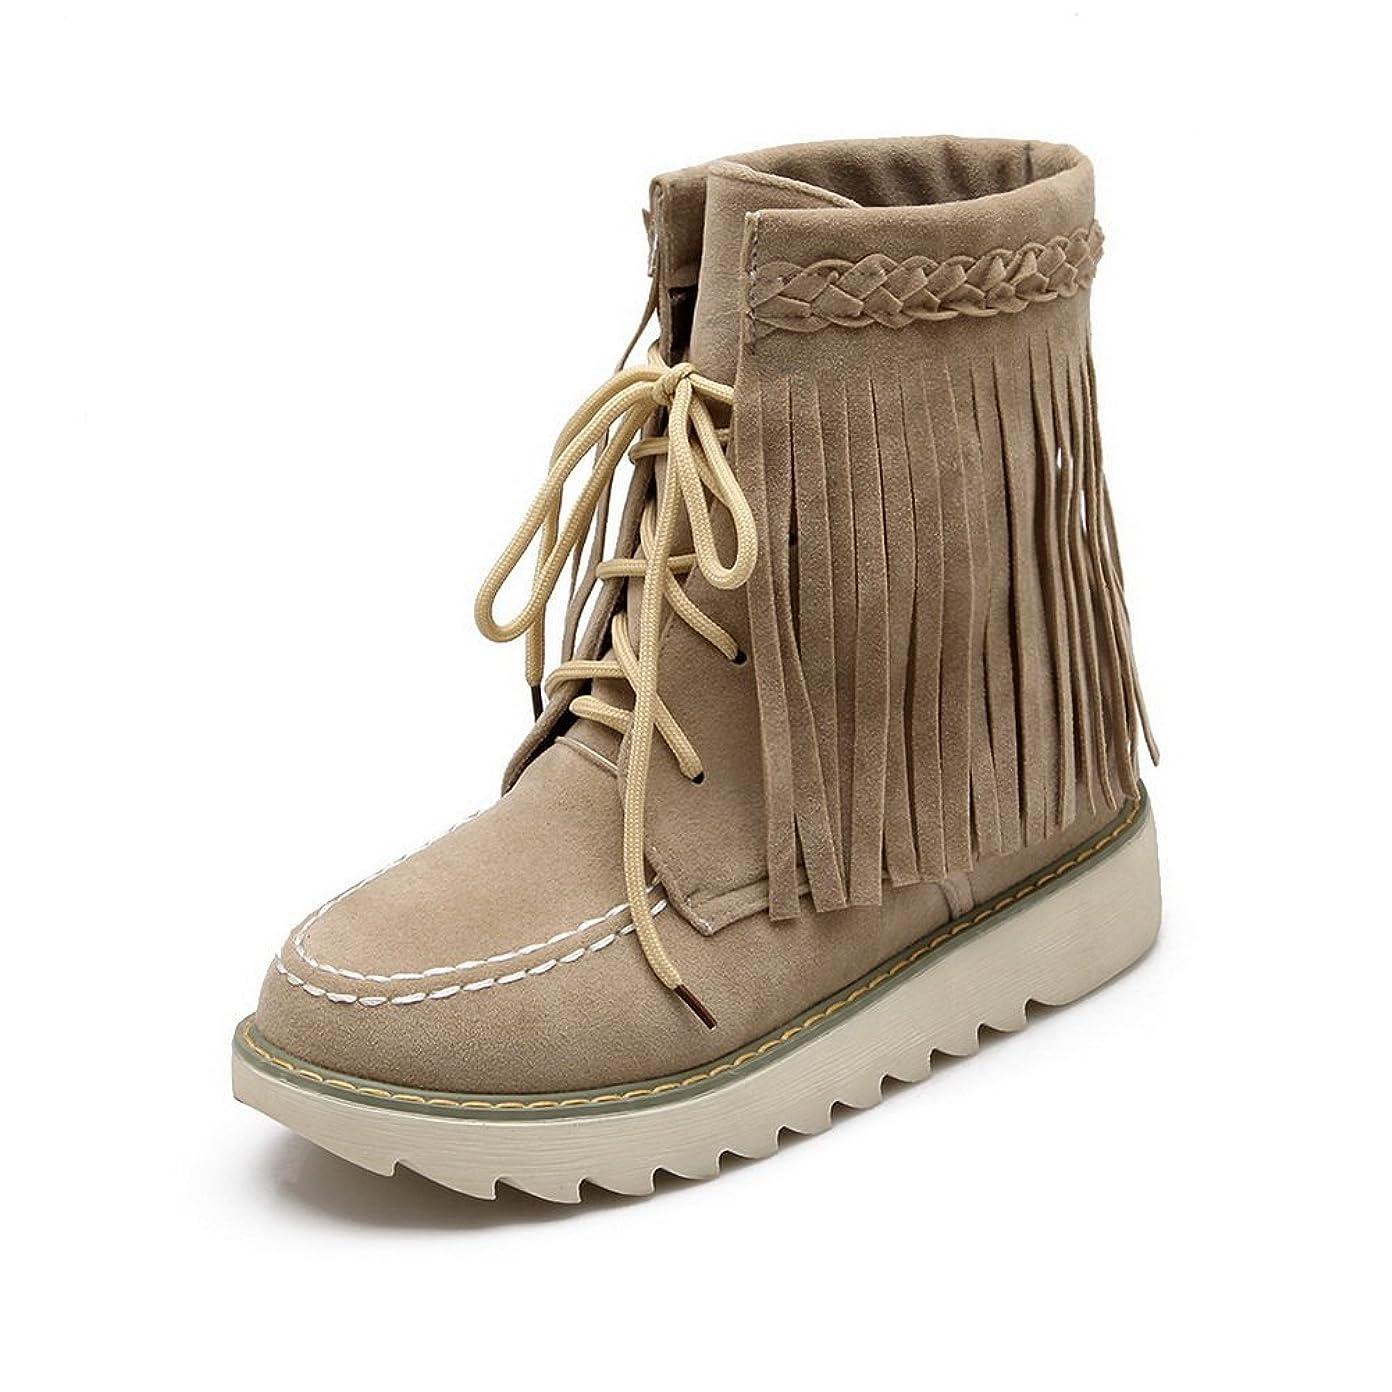 処理する手当書き込みBalaMasa 女性 コンフォート フサ カジュアル ファッションチェックのハイヒール ベージュ ヌバック ブーツ?ブーティ - 24.0cm